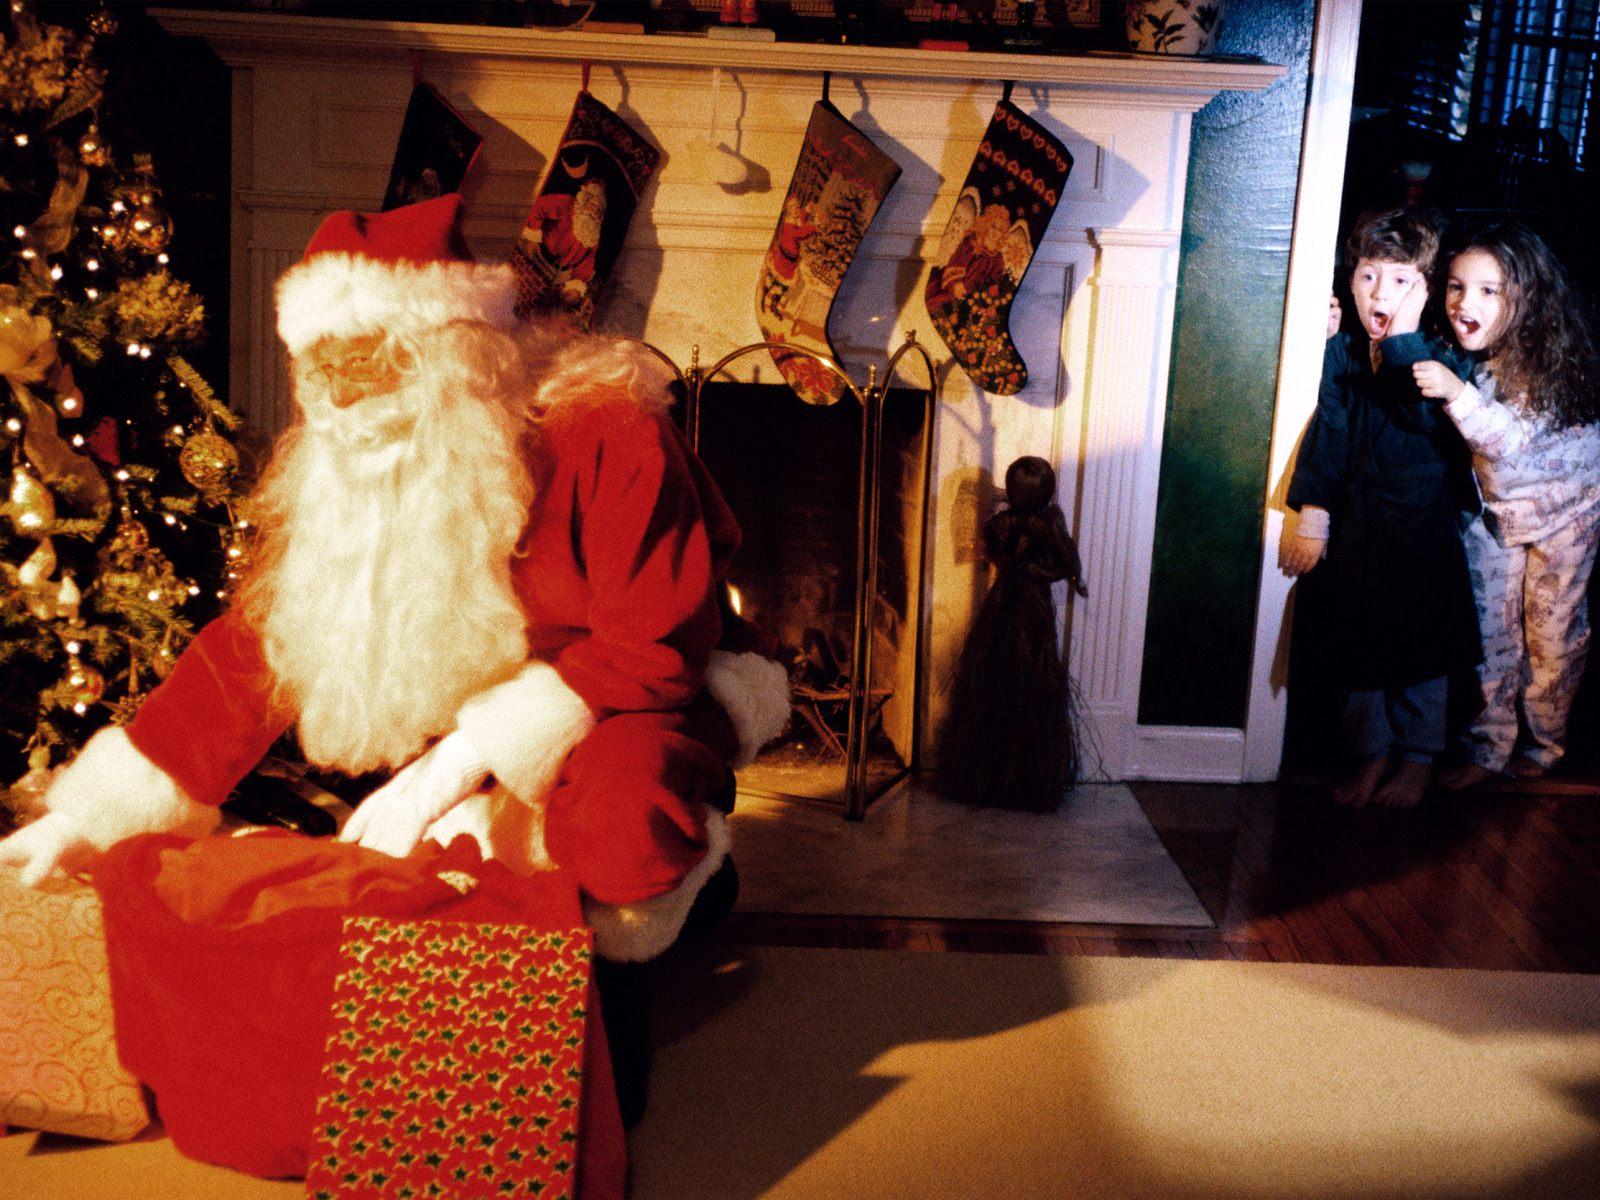 http://3.bp.blogspot.com/_e45GK4i1E8M/TRN1QKoyLRI/AAAAAAAACCo/Jxdaml01V6k/s1600/christmas-wallpaper-06.jpg